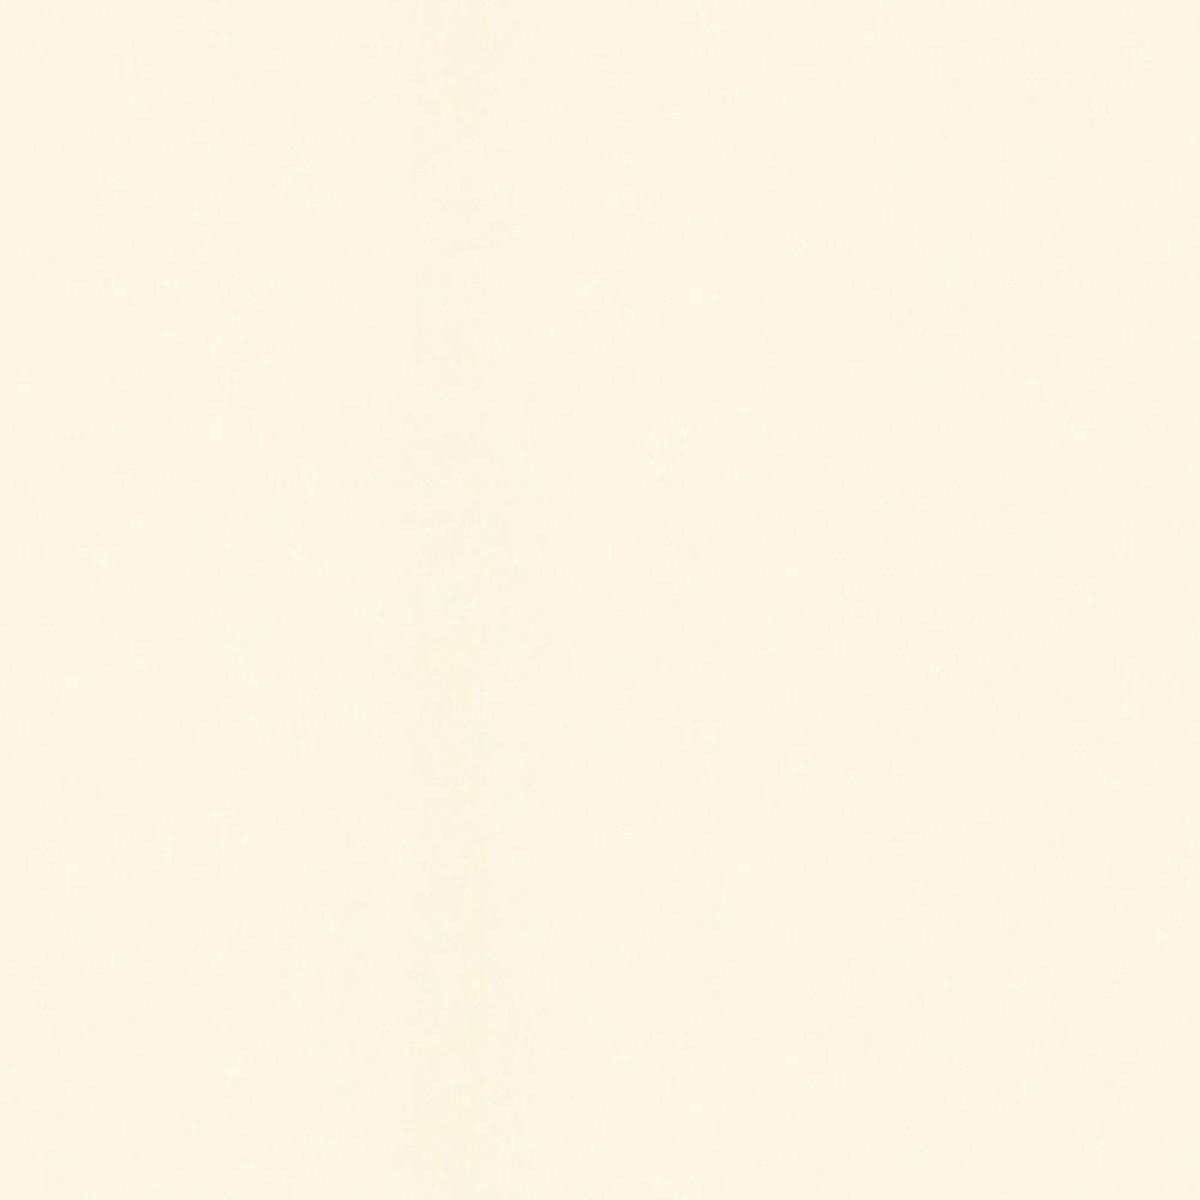 Обои флизелиновые Home Color Rose Melody белые 715-11 1.06 м